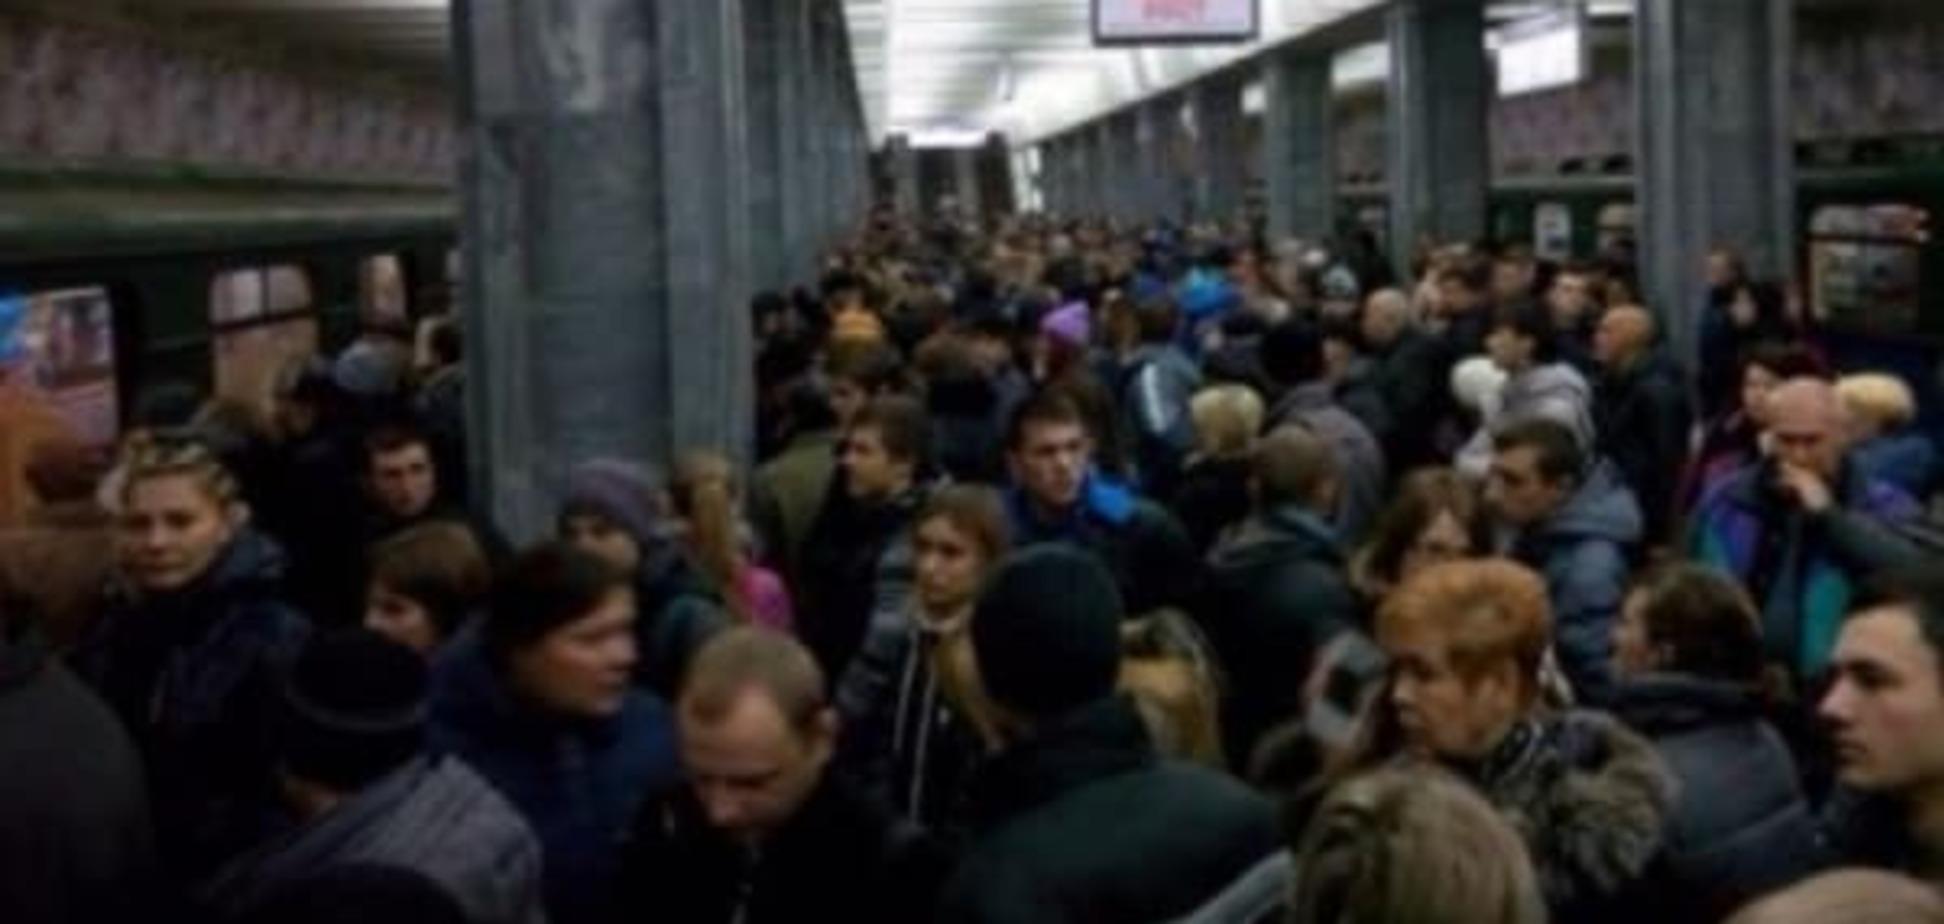 Из-за поломки поезда в харьковском метро произошла огромная давка: опубликованы фото